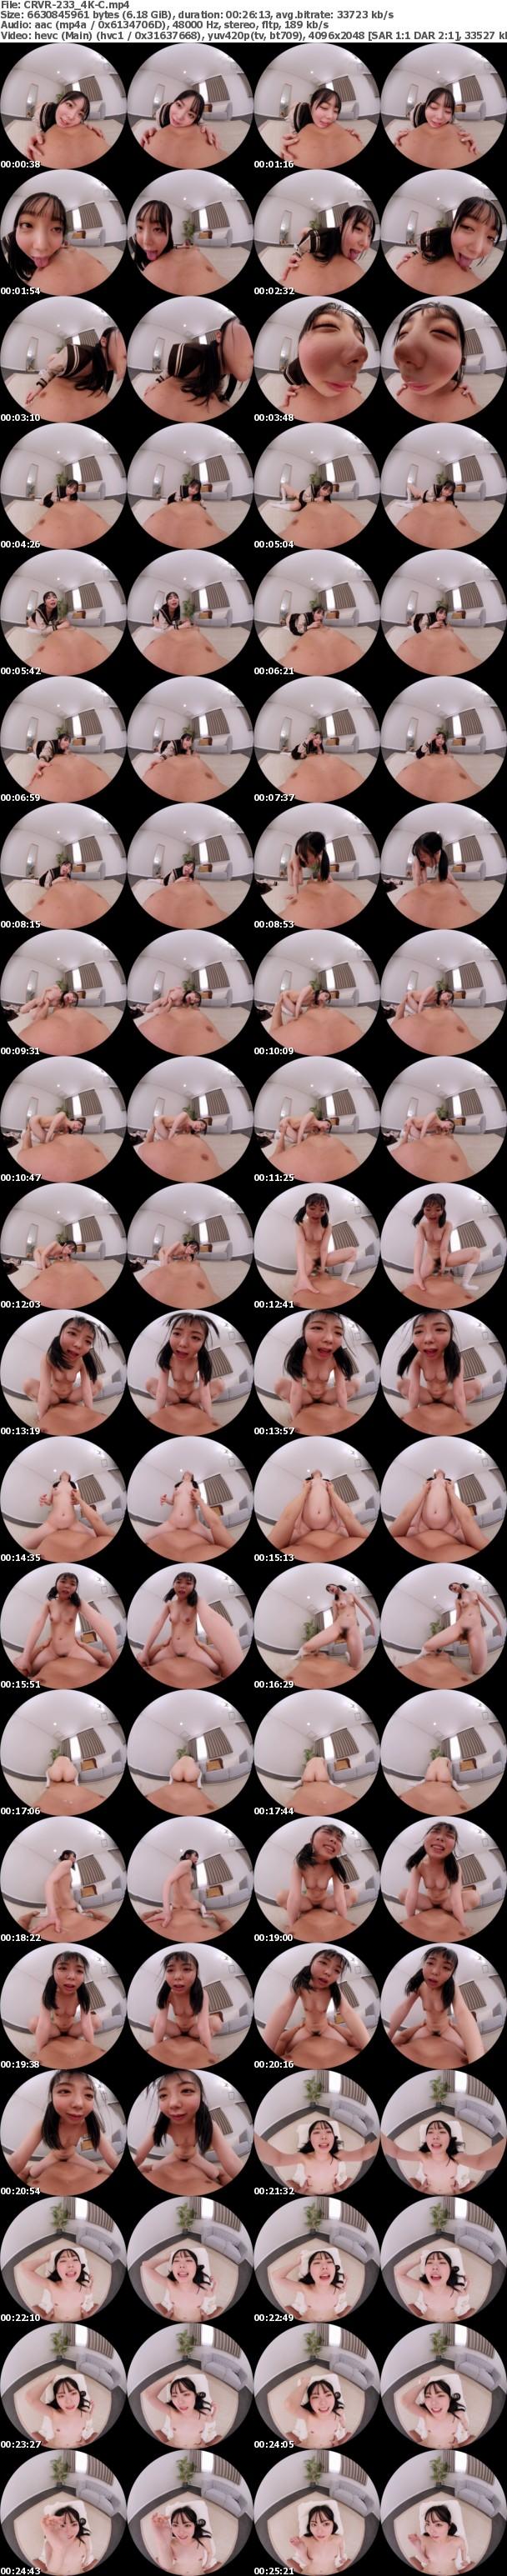 (VR) (4K) CRVR-233 百瀬あすか 教え子はビッチだった…この制服女子とこれからSEXします!!「先生…今日、お母さんいないんだよ」家庭教師先でまさかの一言!!理性も吹き飛ぶエロシチュエーション大満喫VR!!